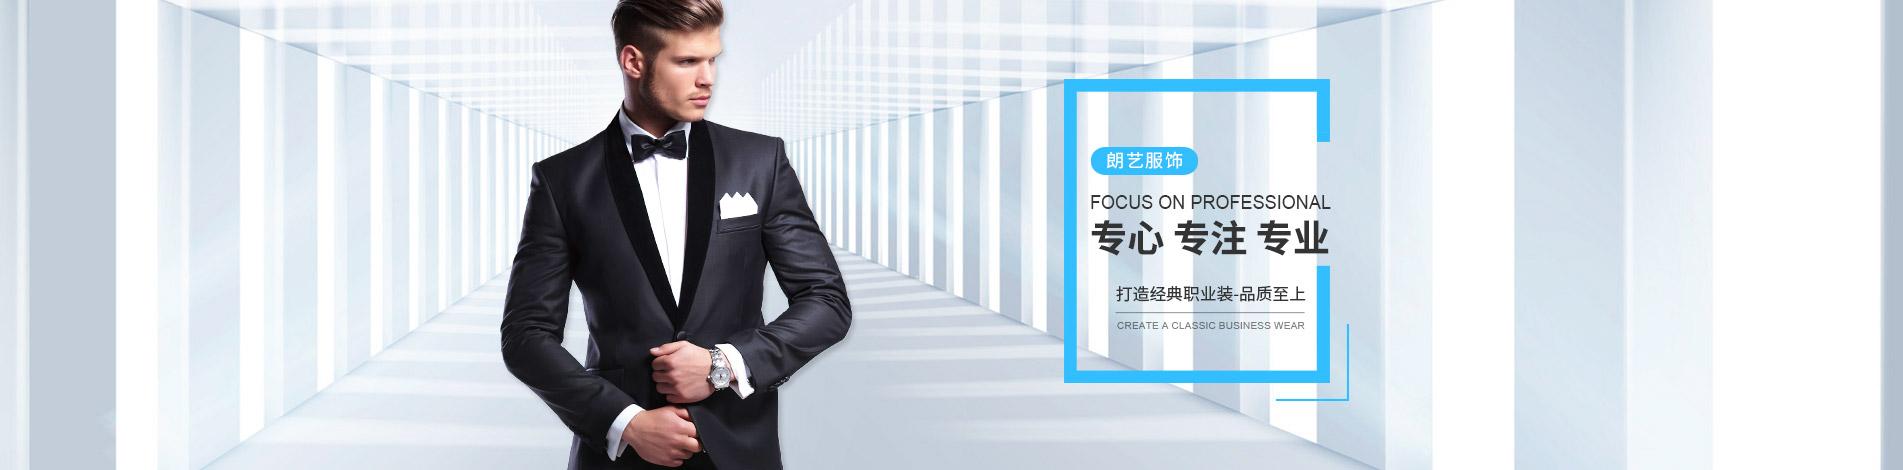 万博体育app安卓官方万博体育max手机登录厂家_上海朗艺服饰有限公司